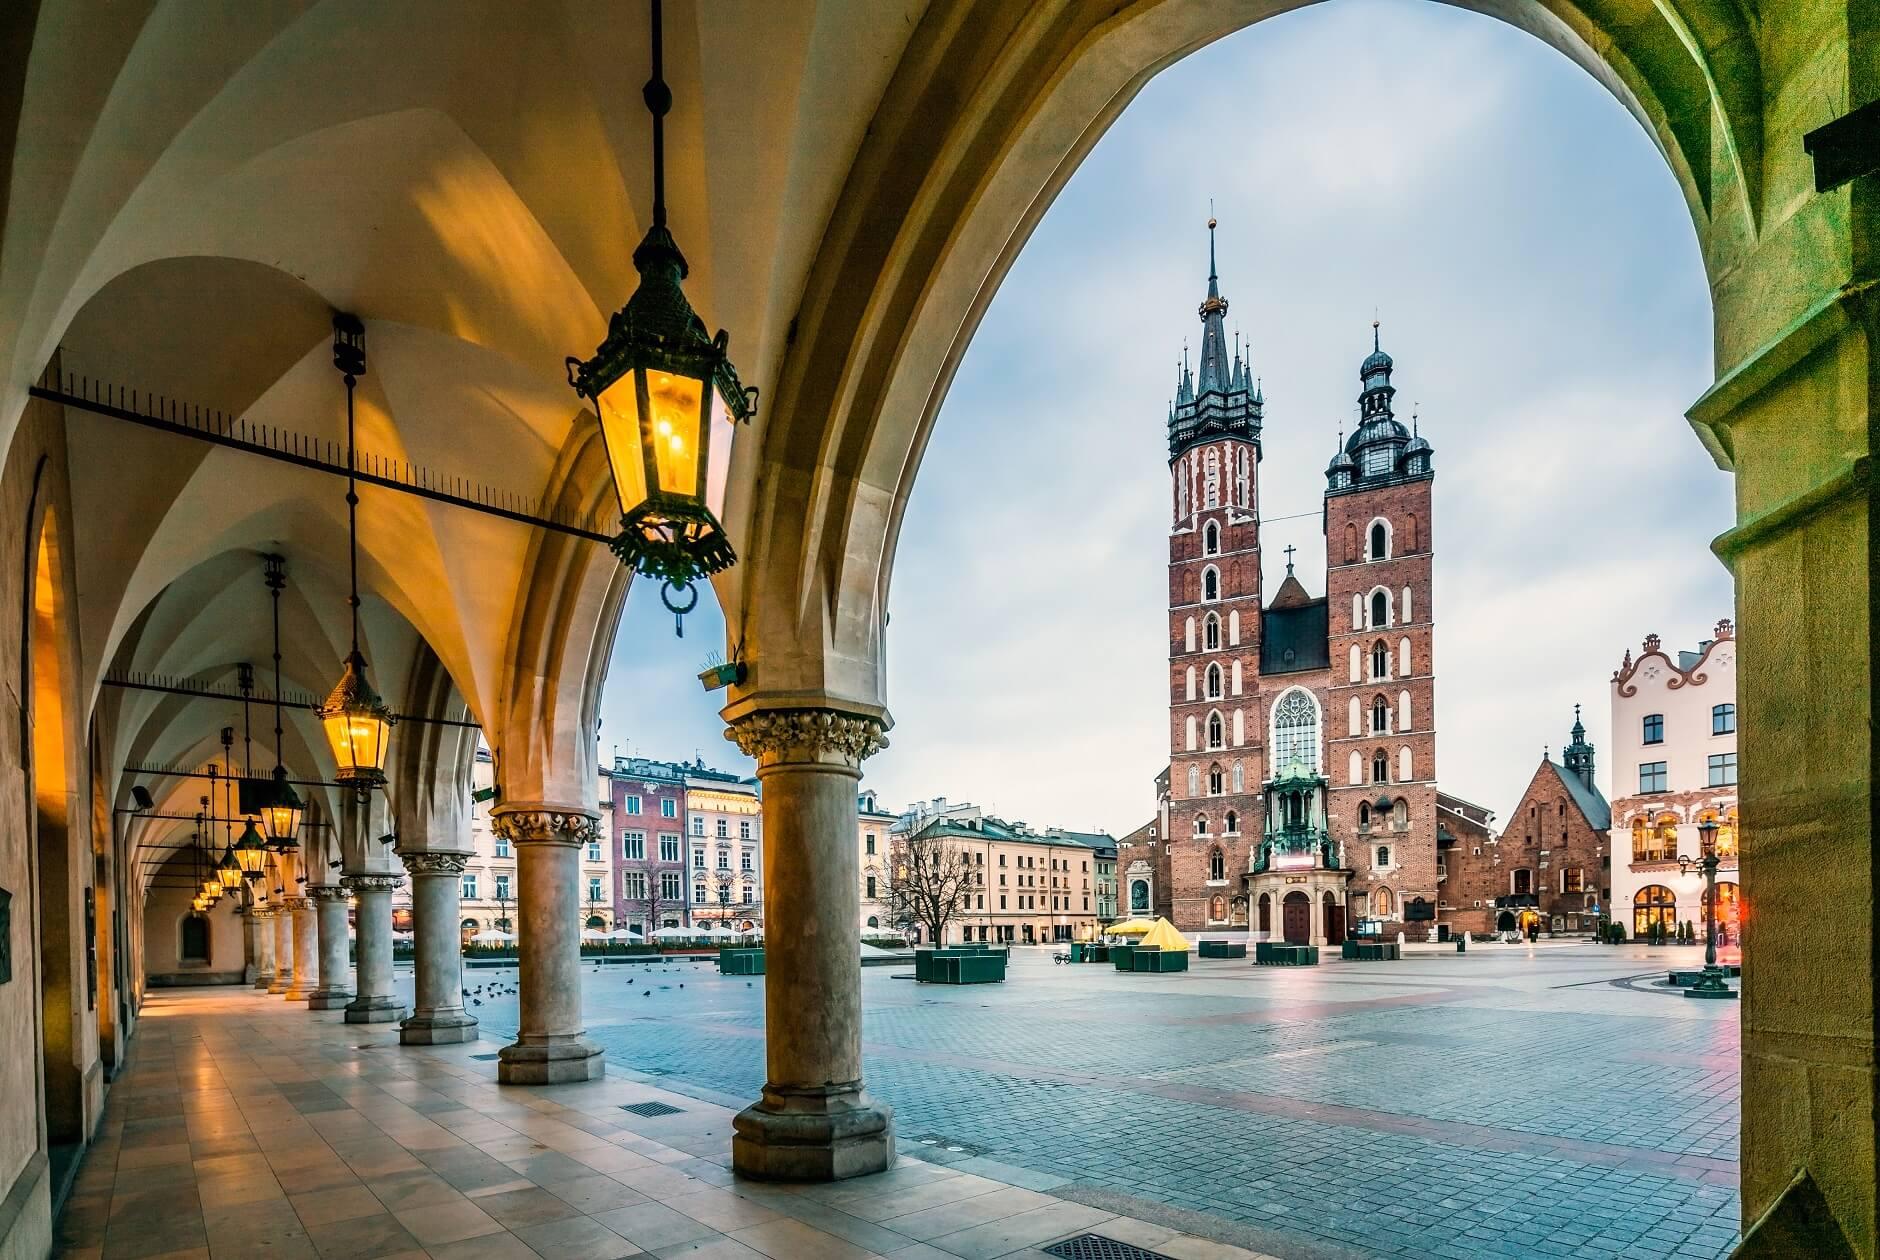 Pomysł na wyjazd na weekend - może Kraków?